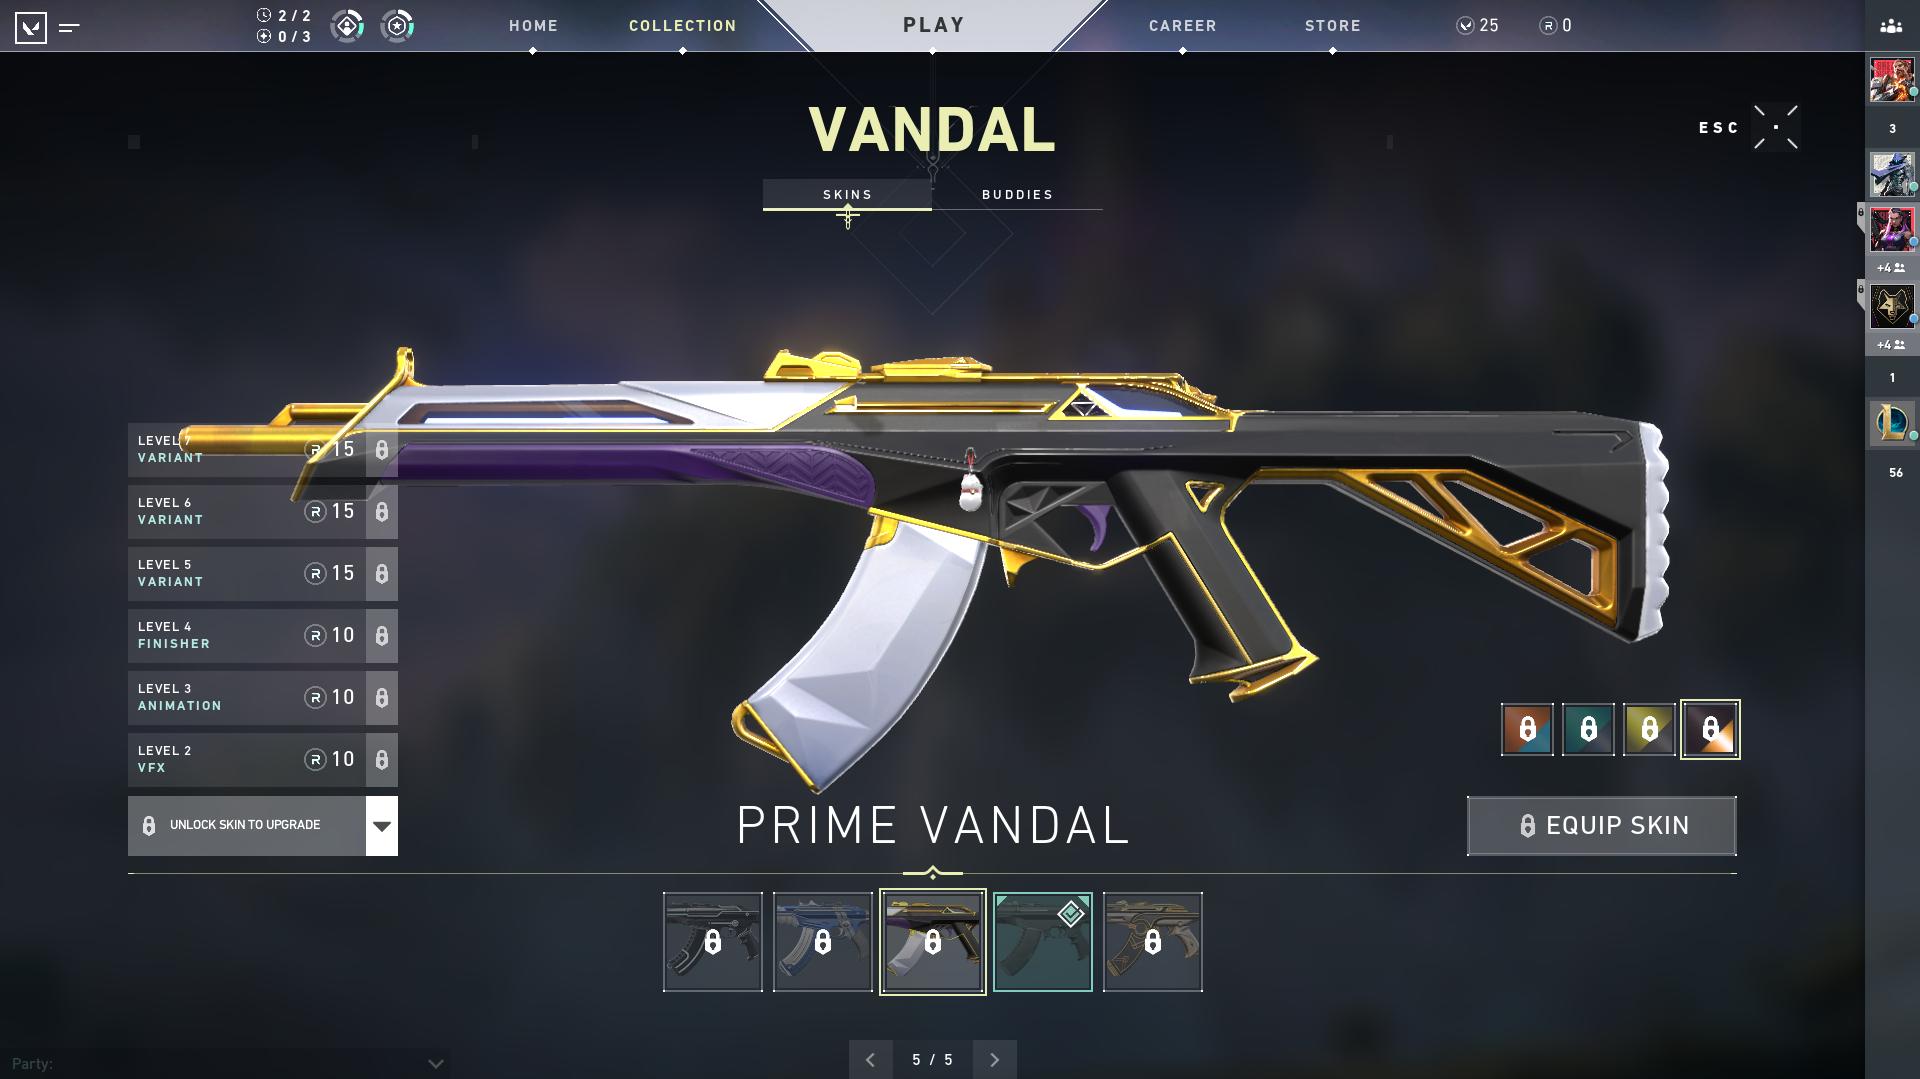 Vandal Prime skin in Valorant.